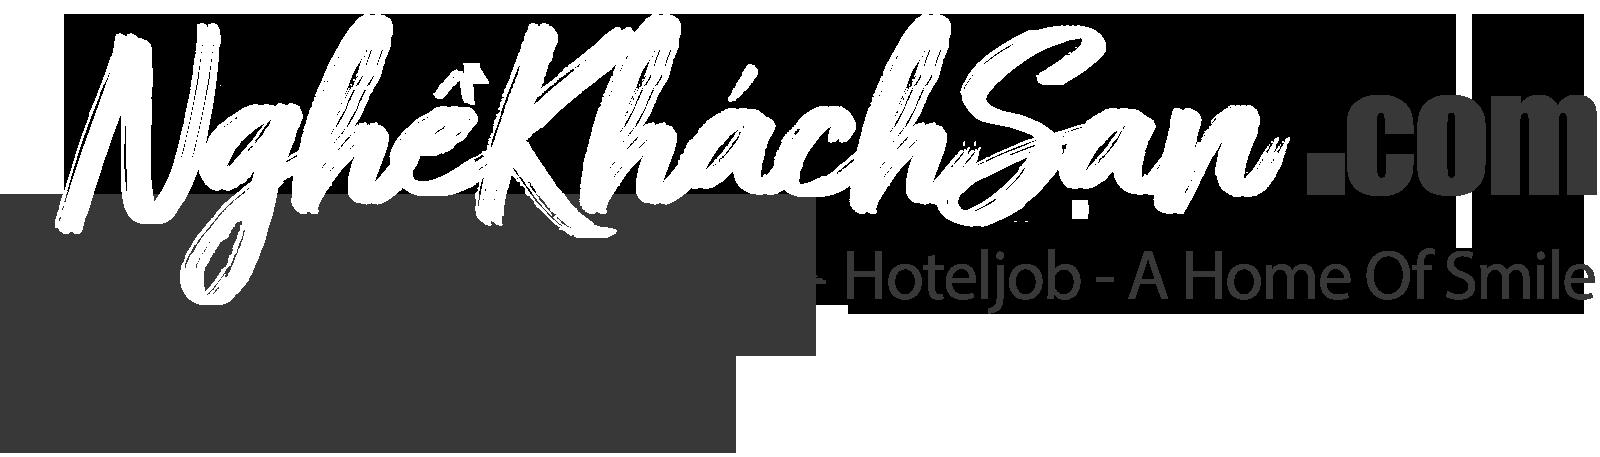 Nghekhachsan.com: Cẩm Nang Nghề Khách Sạn